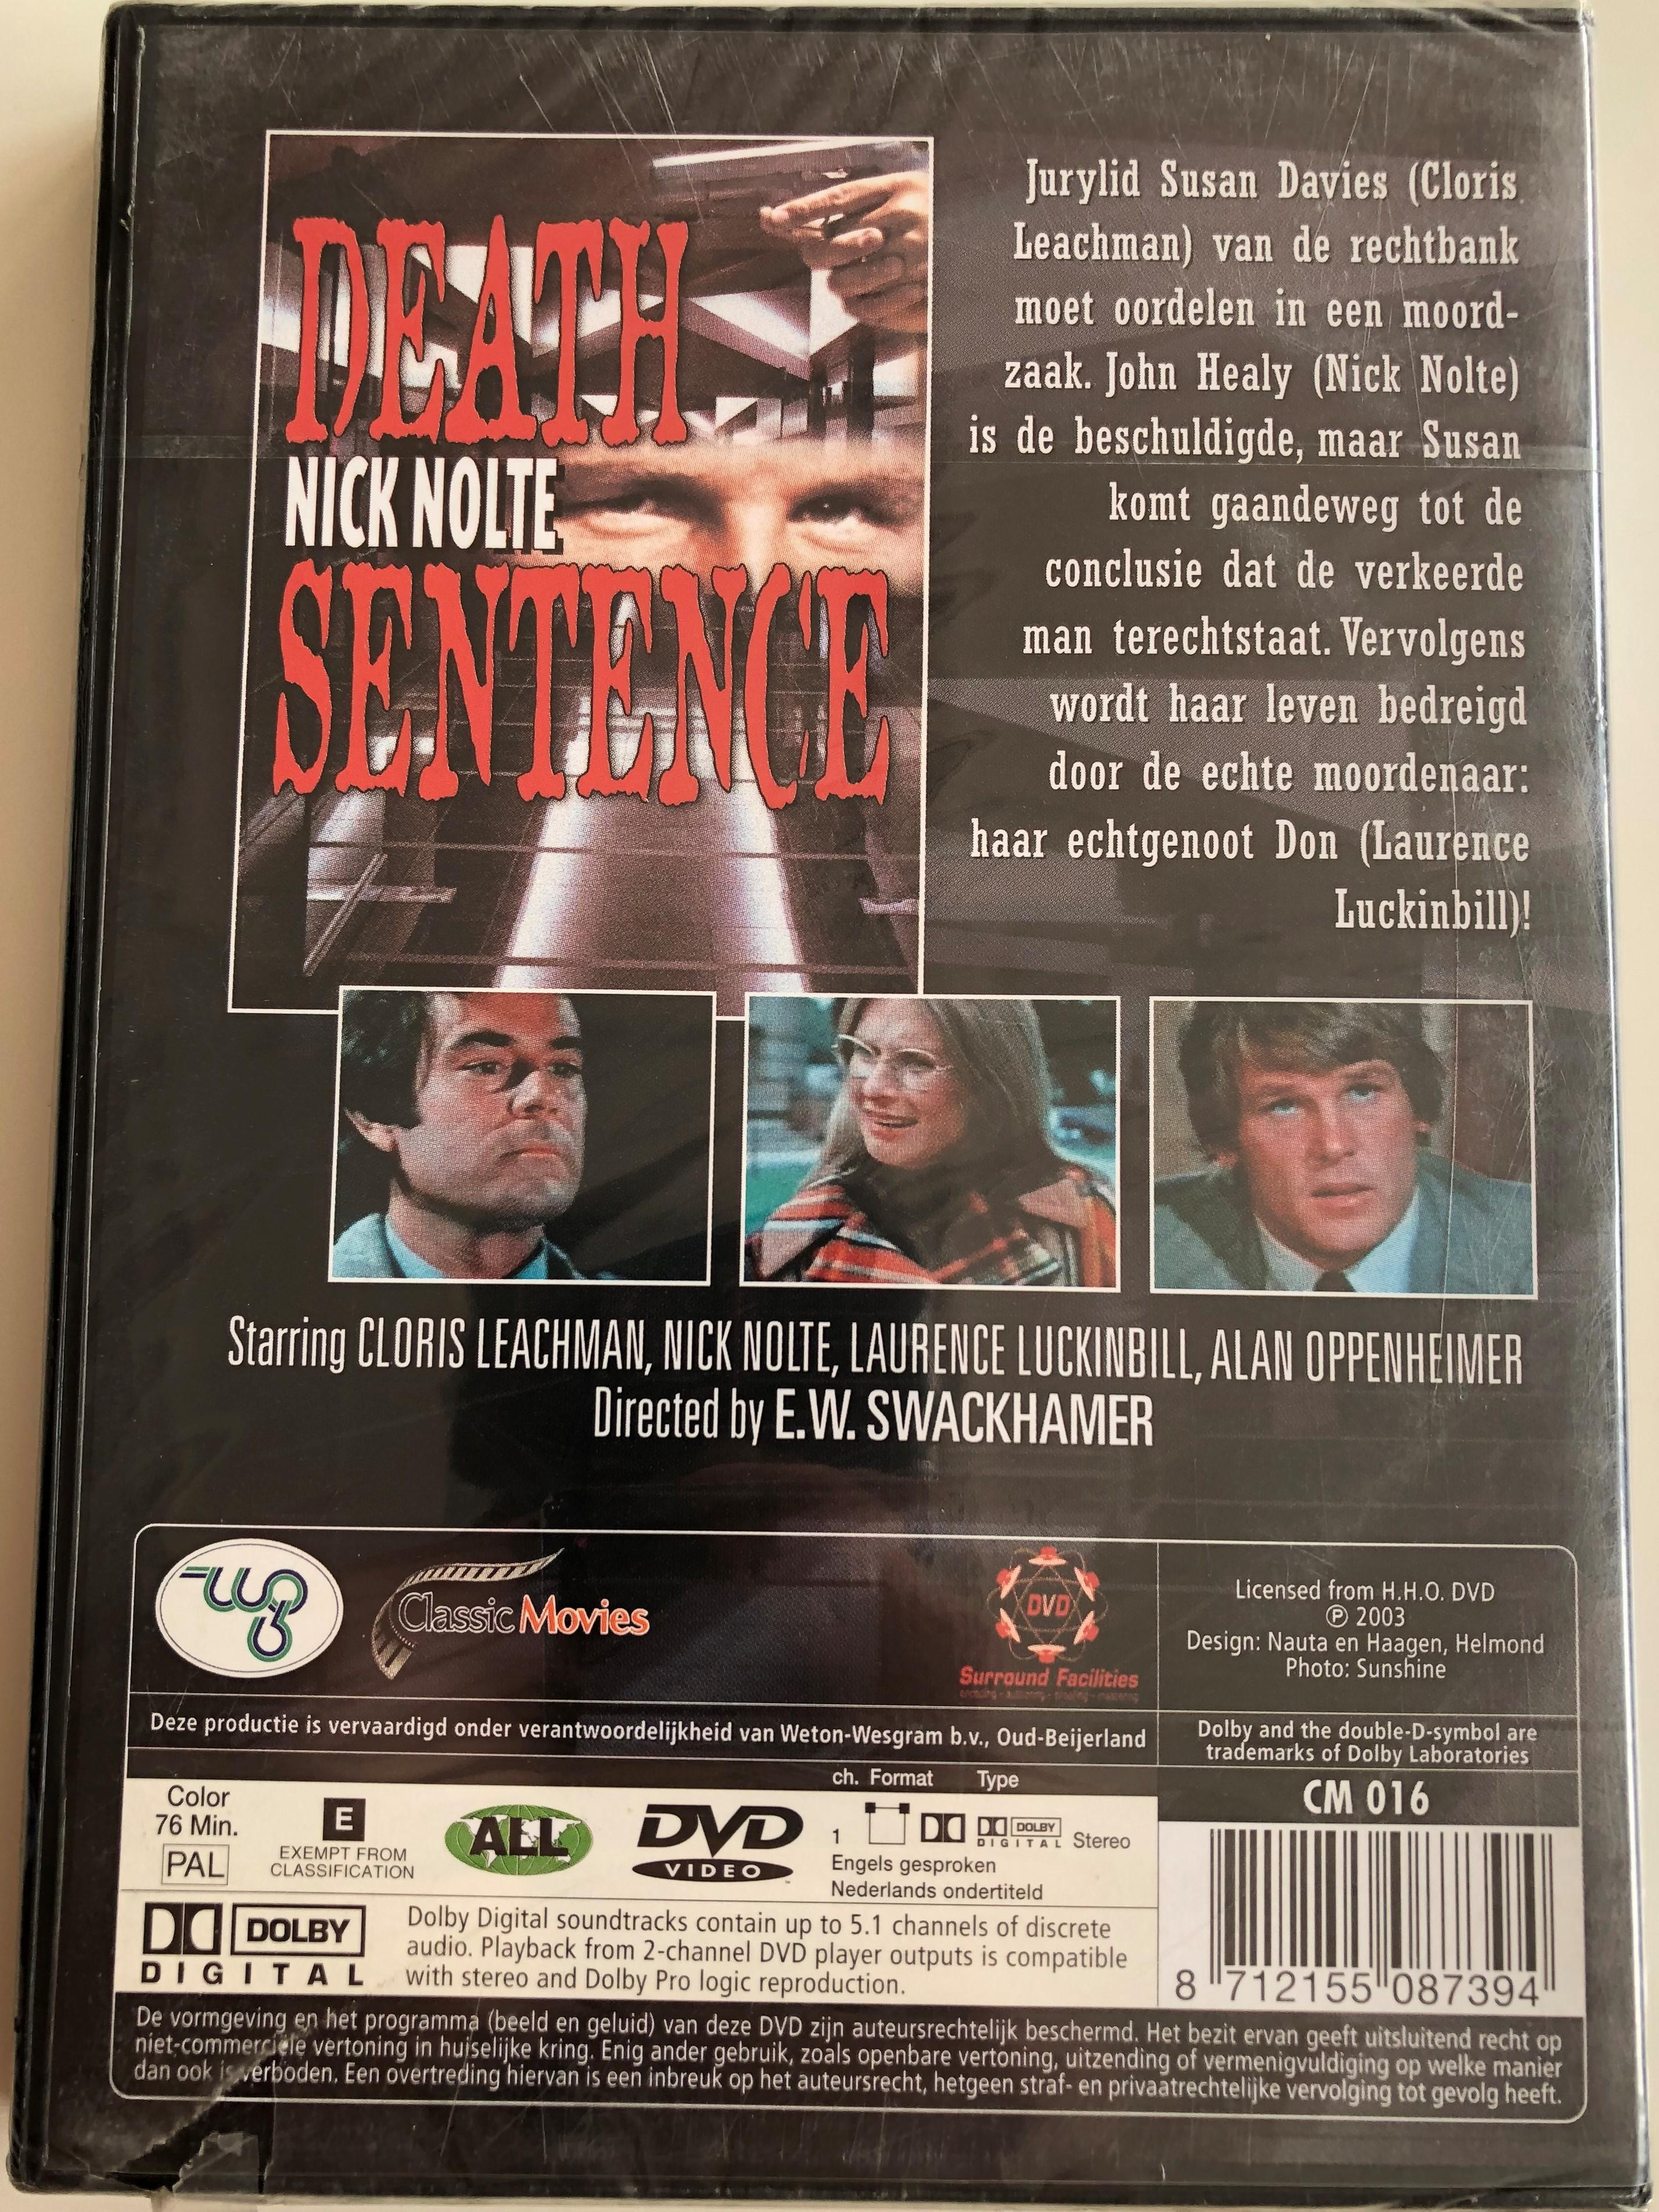 death-sentence-dvd-1974-directed-by-e.w.-swackhamer-2.jpg